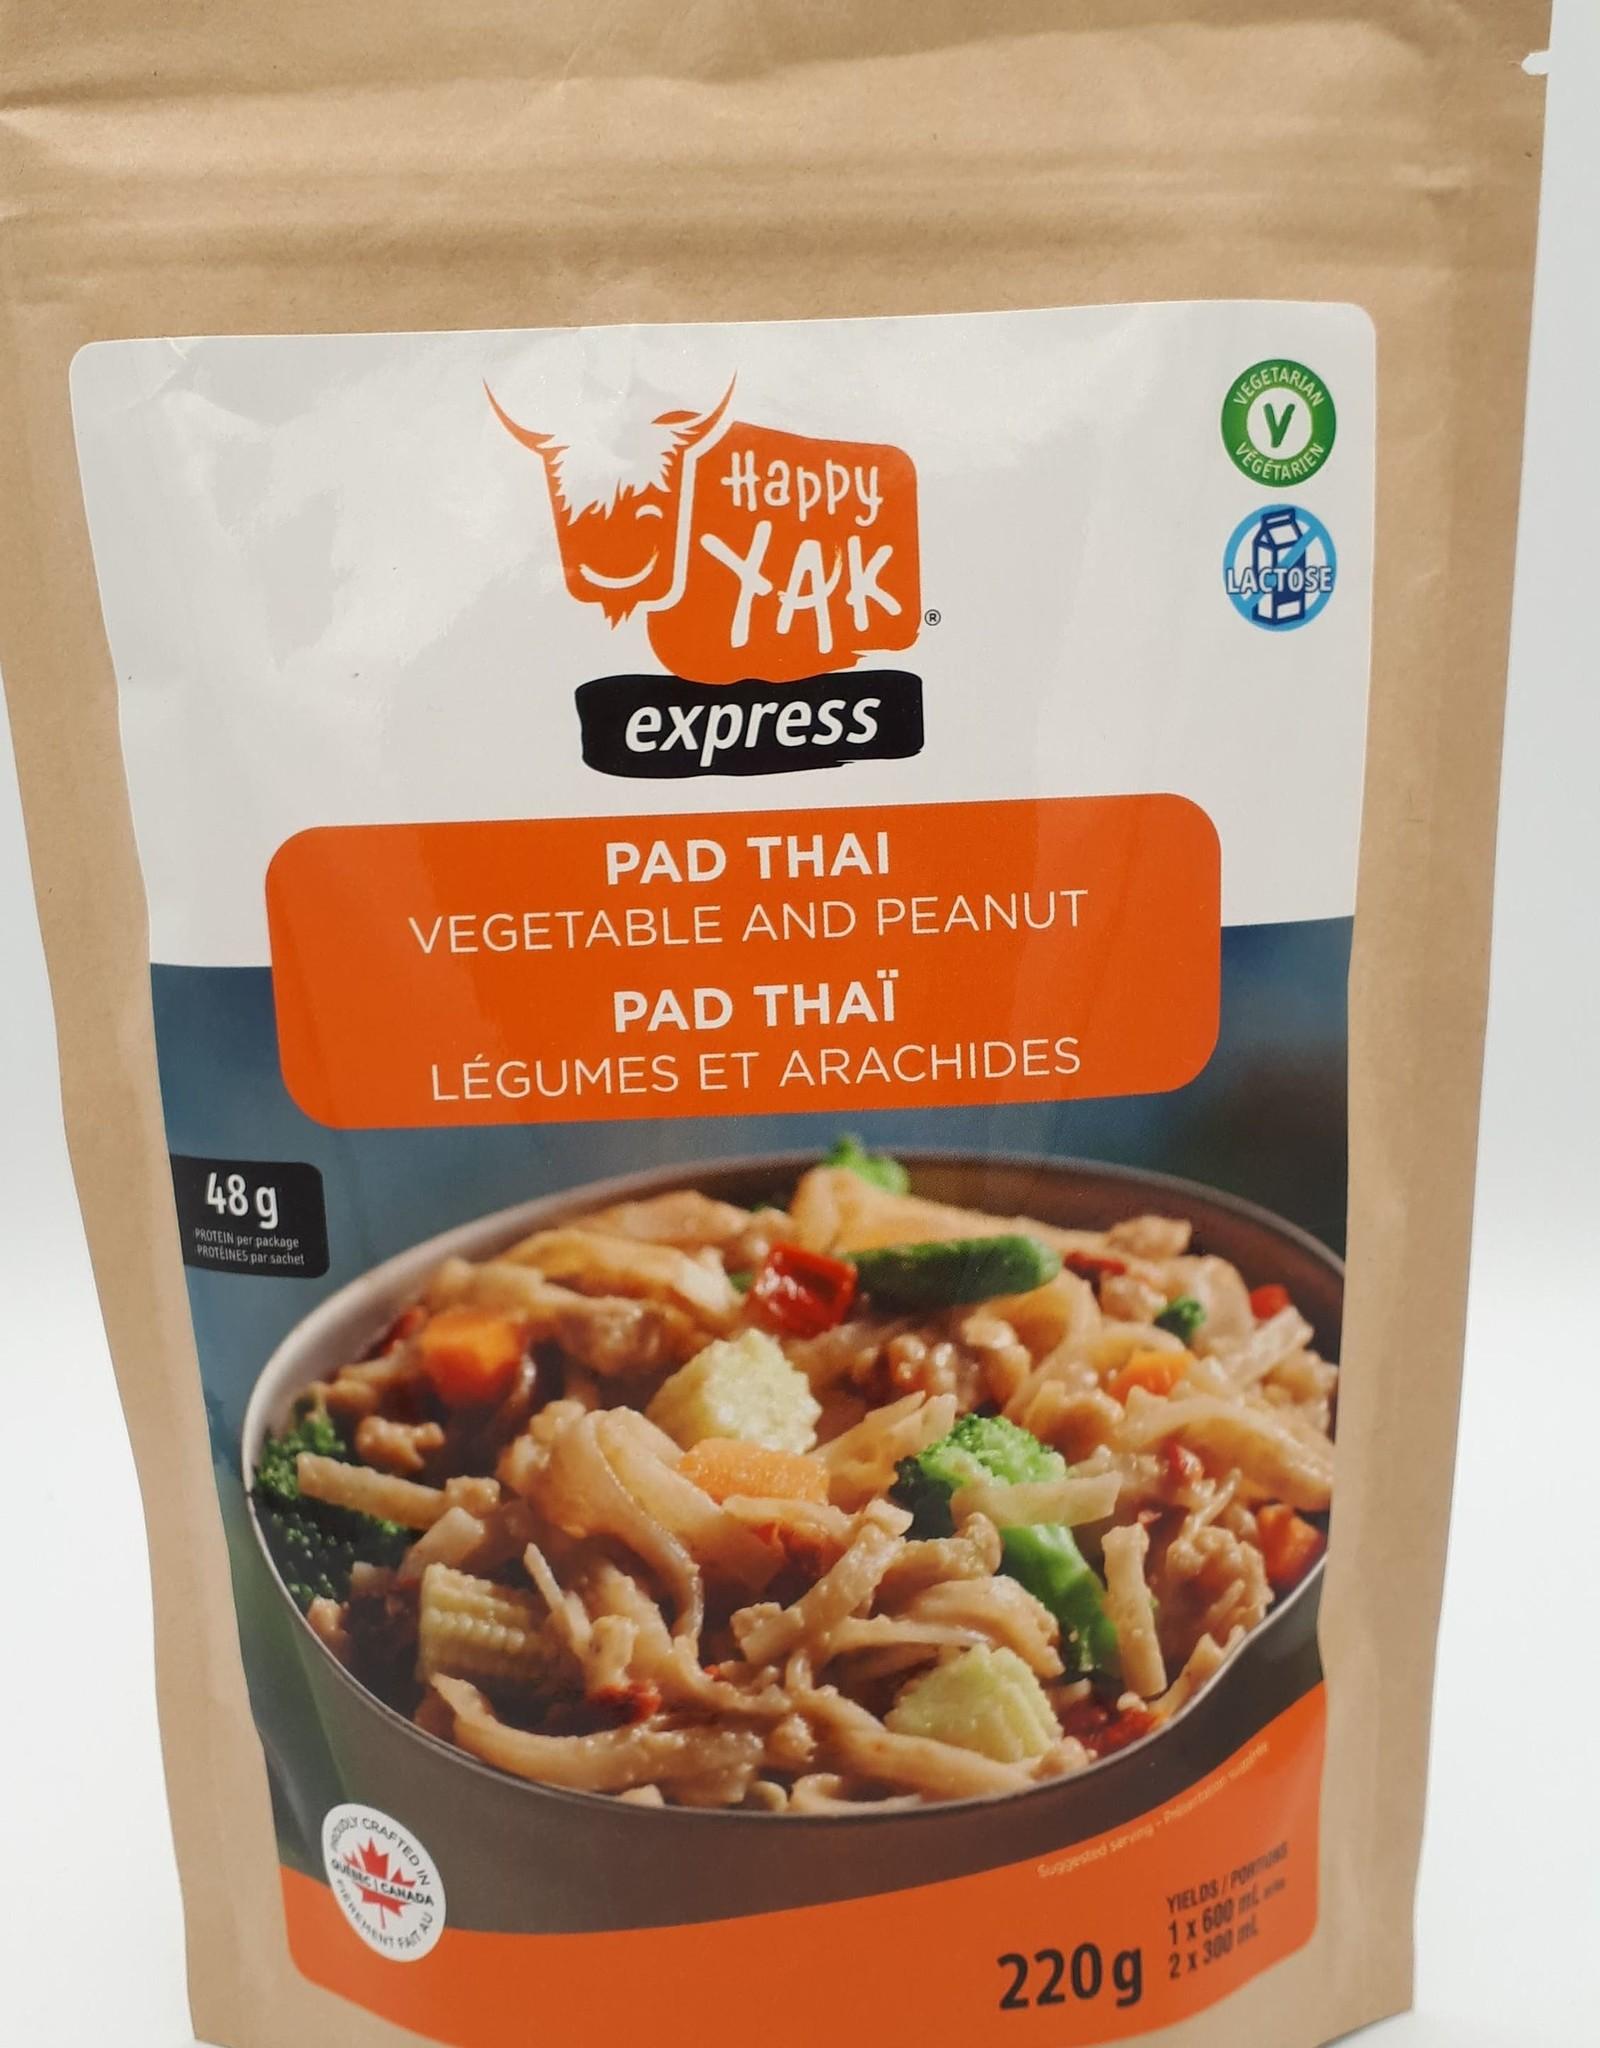 Happy Yak Happy Yak - Repas, Pad thaï végétarien aux arachides et légumes (végétalien, -1% de gluten, sans lactose)